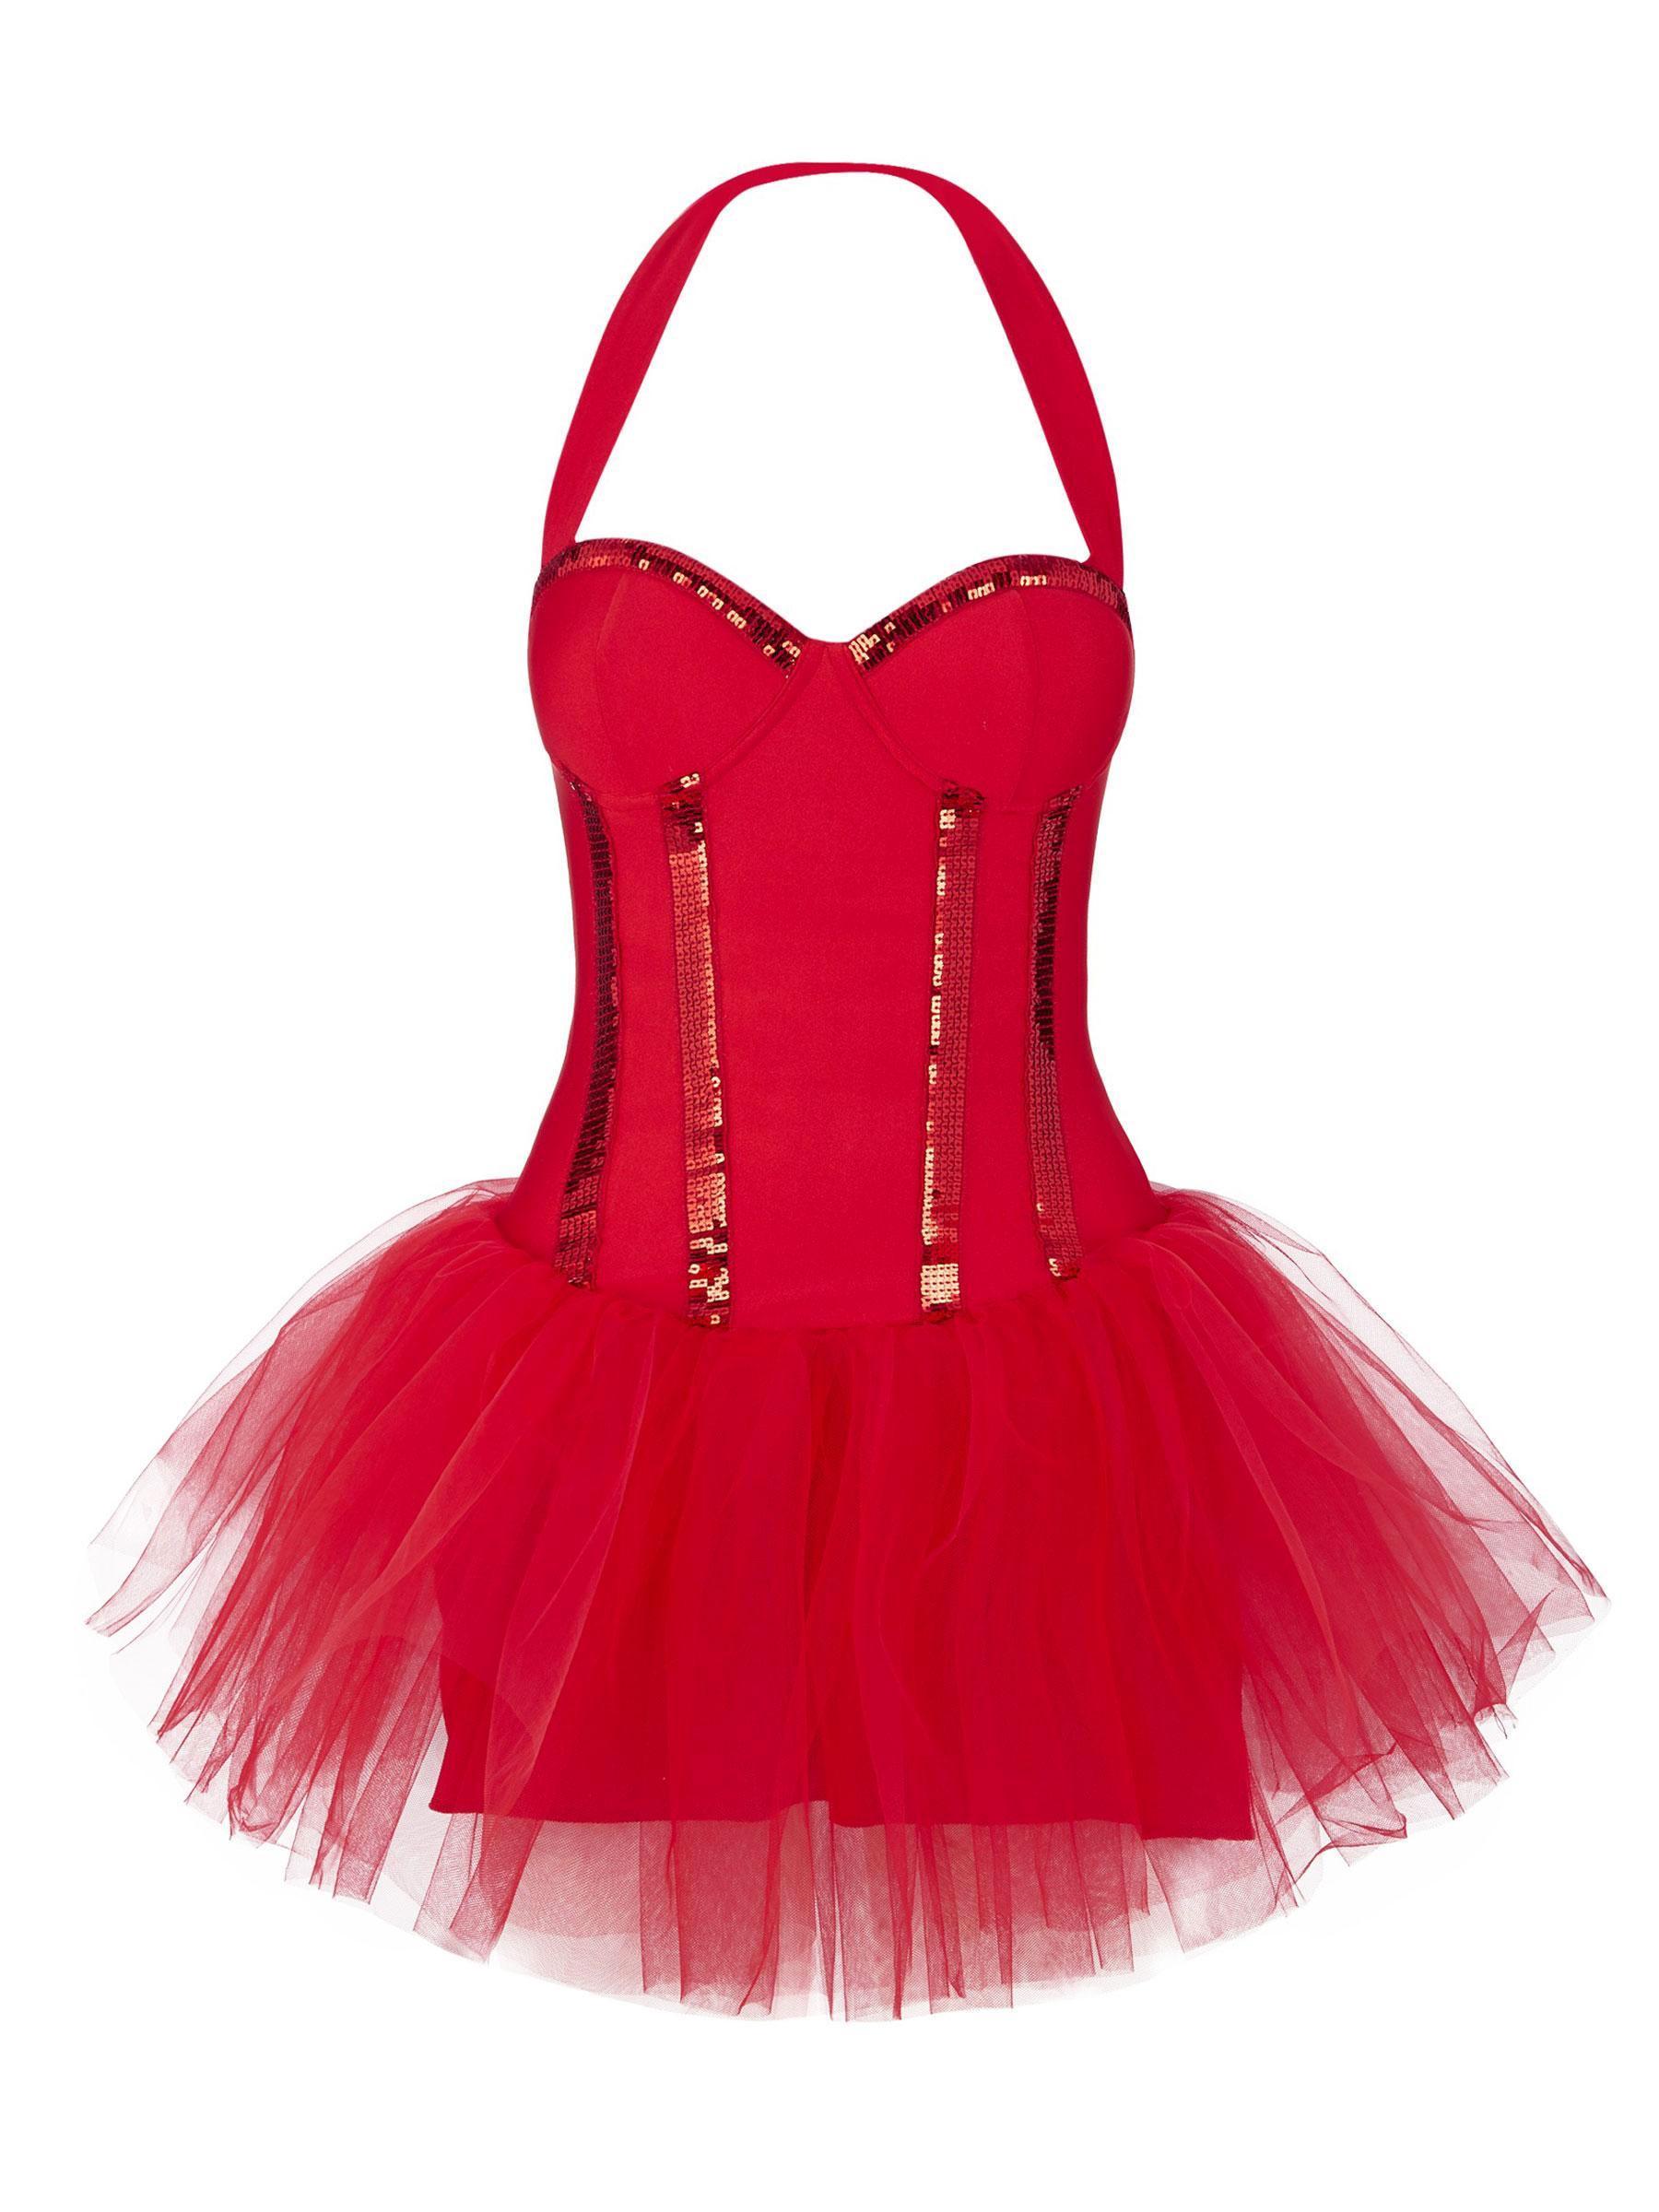 Fancy dress erotic